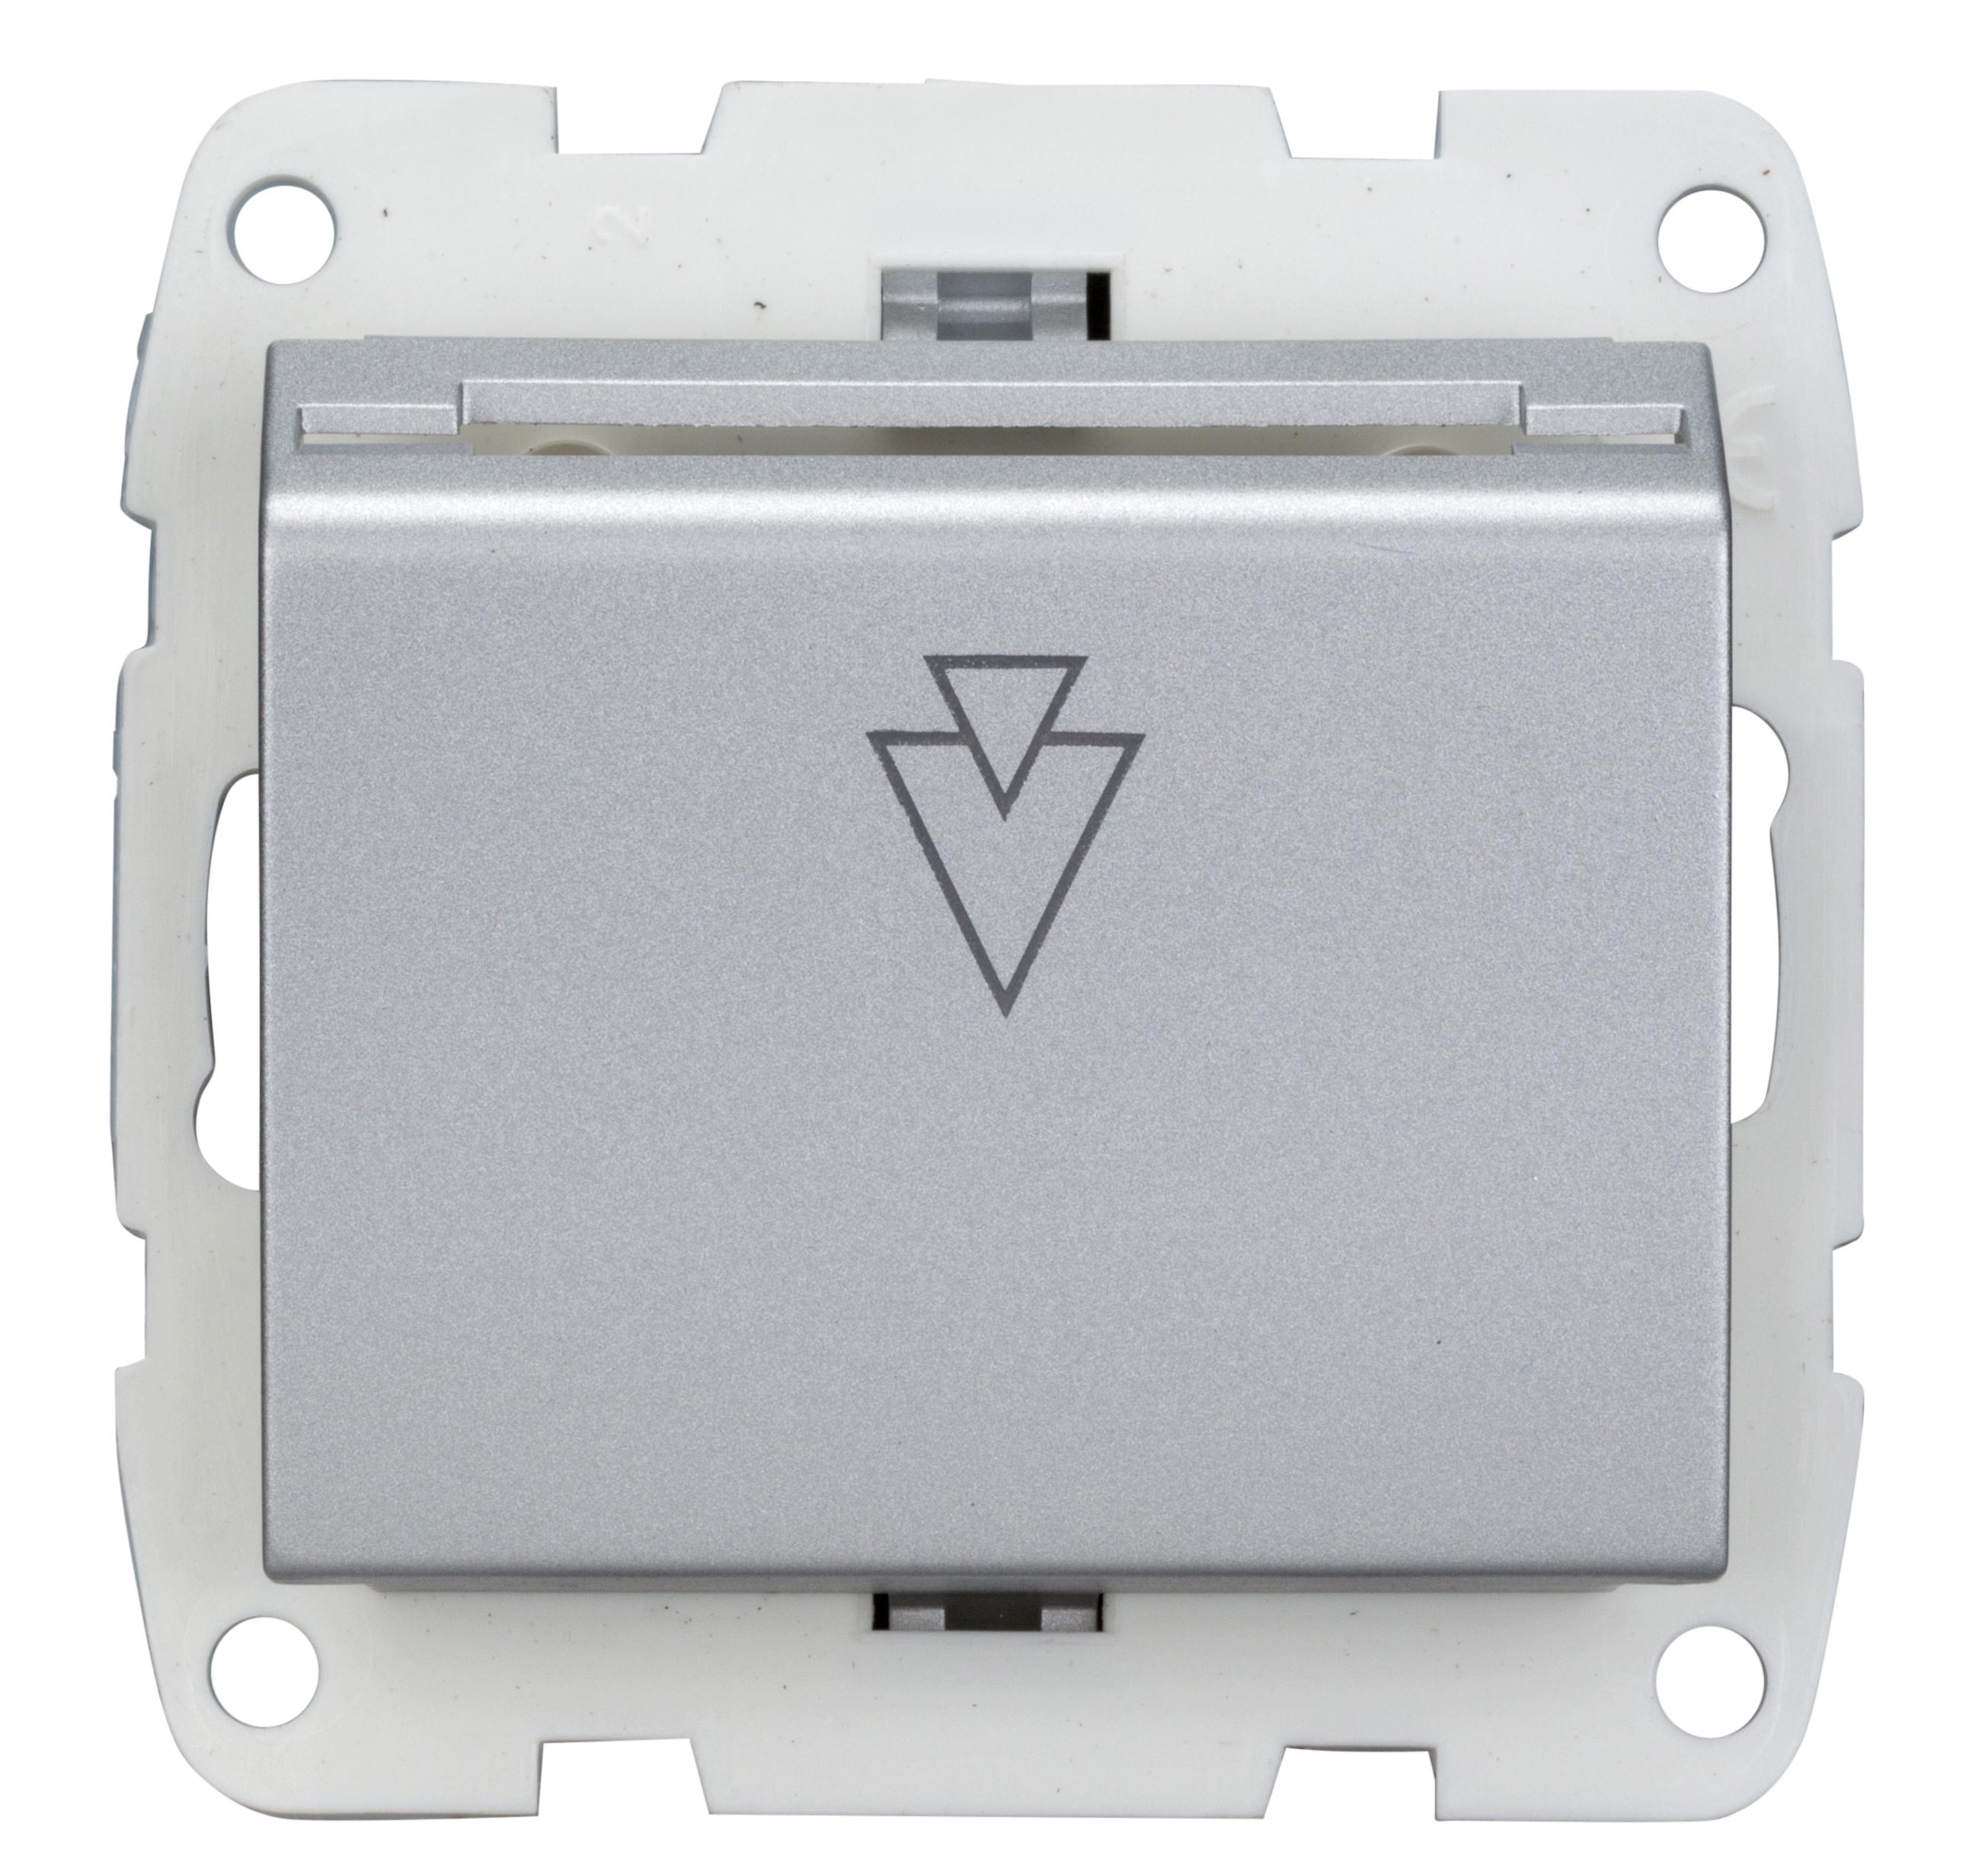 1 Stk Hotelcardschalter komplett, Schraubkontakte, Silber EV123001--